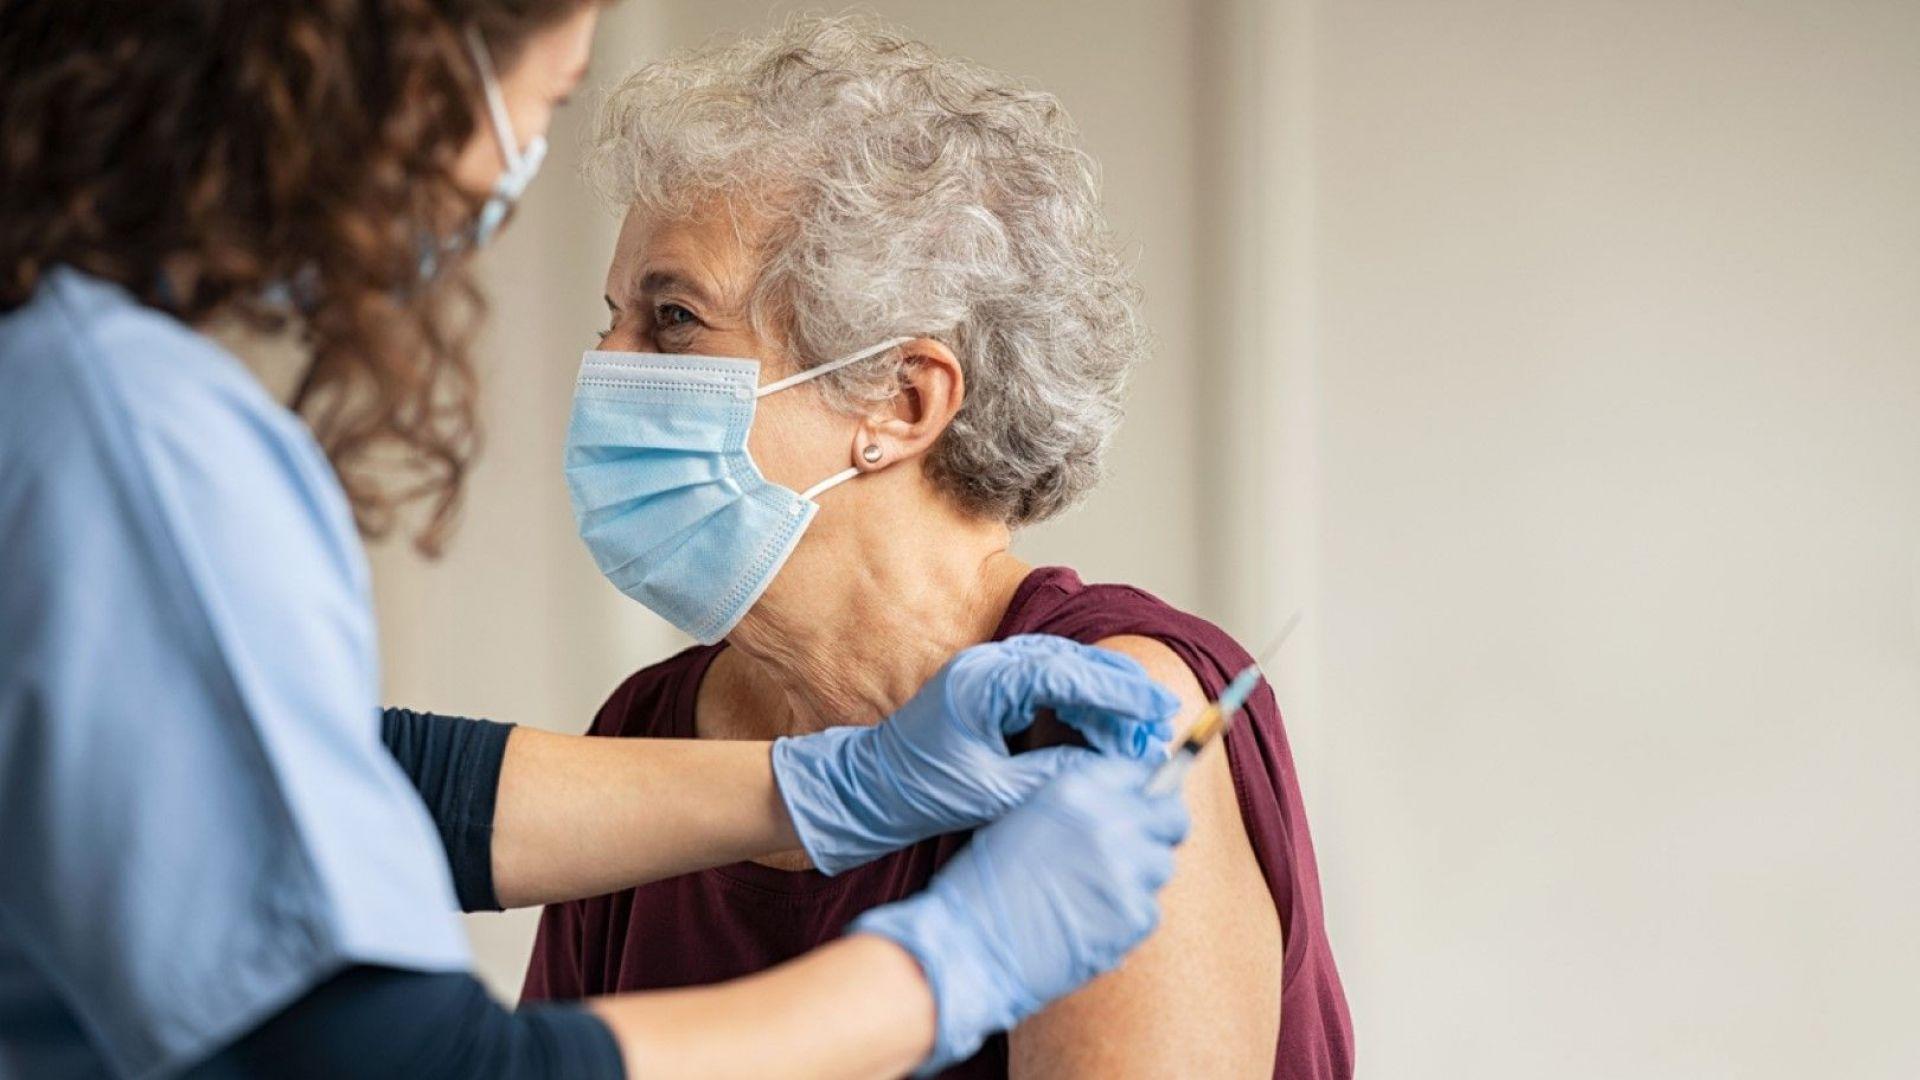 Как да се ваксинират рисковите групи? МЗ оповести препоръките